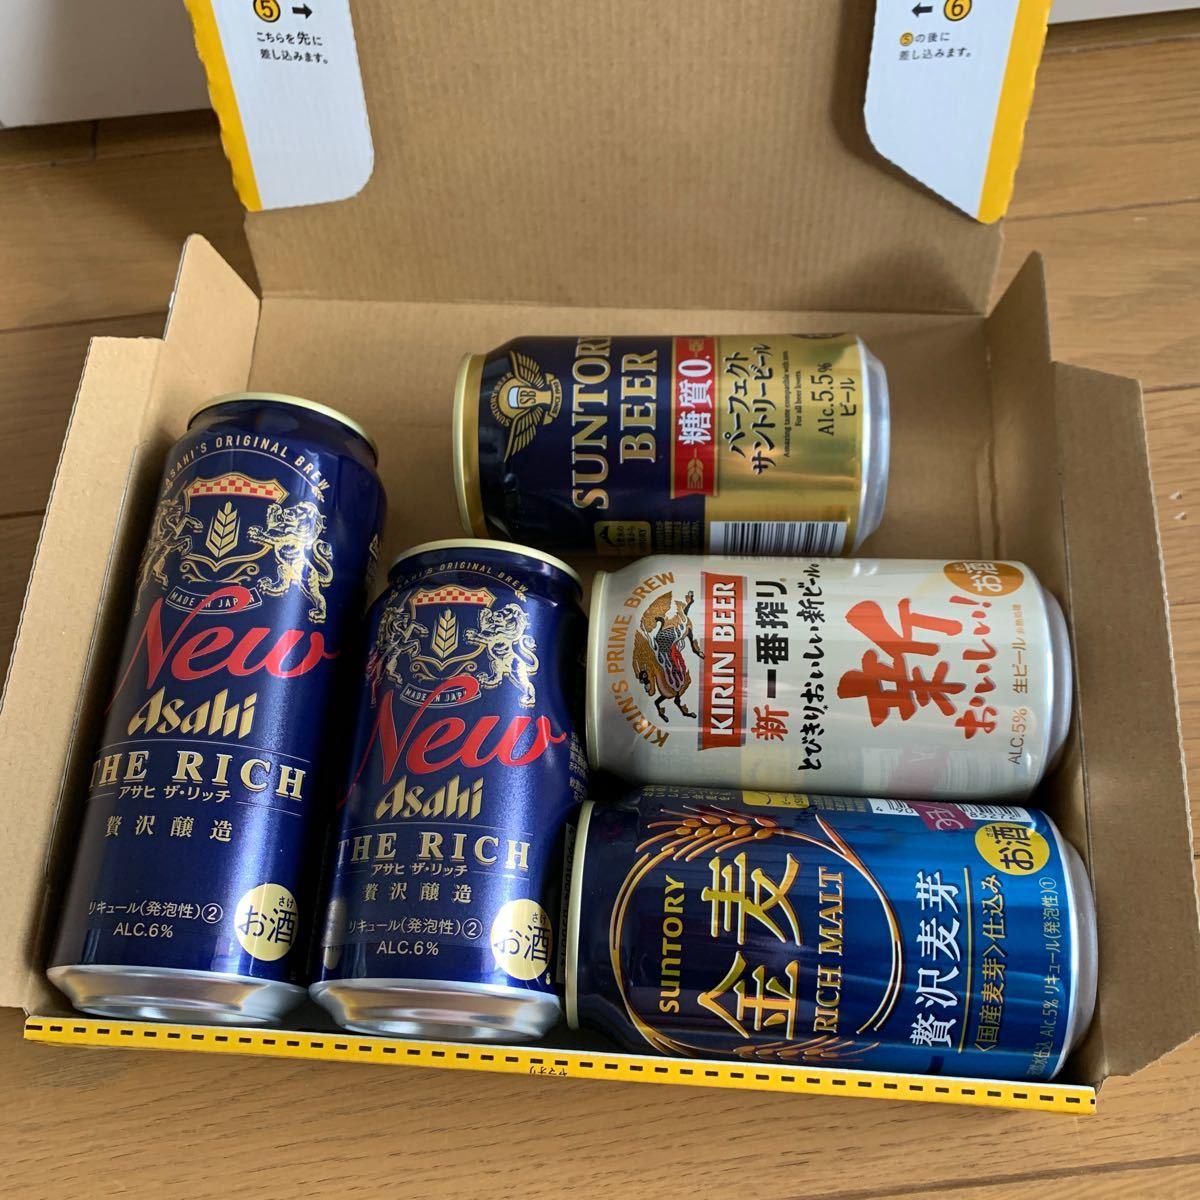 【5本】キリン アサヒ サントリー ビール 350ml  500ml  詰め合わせ